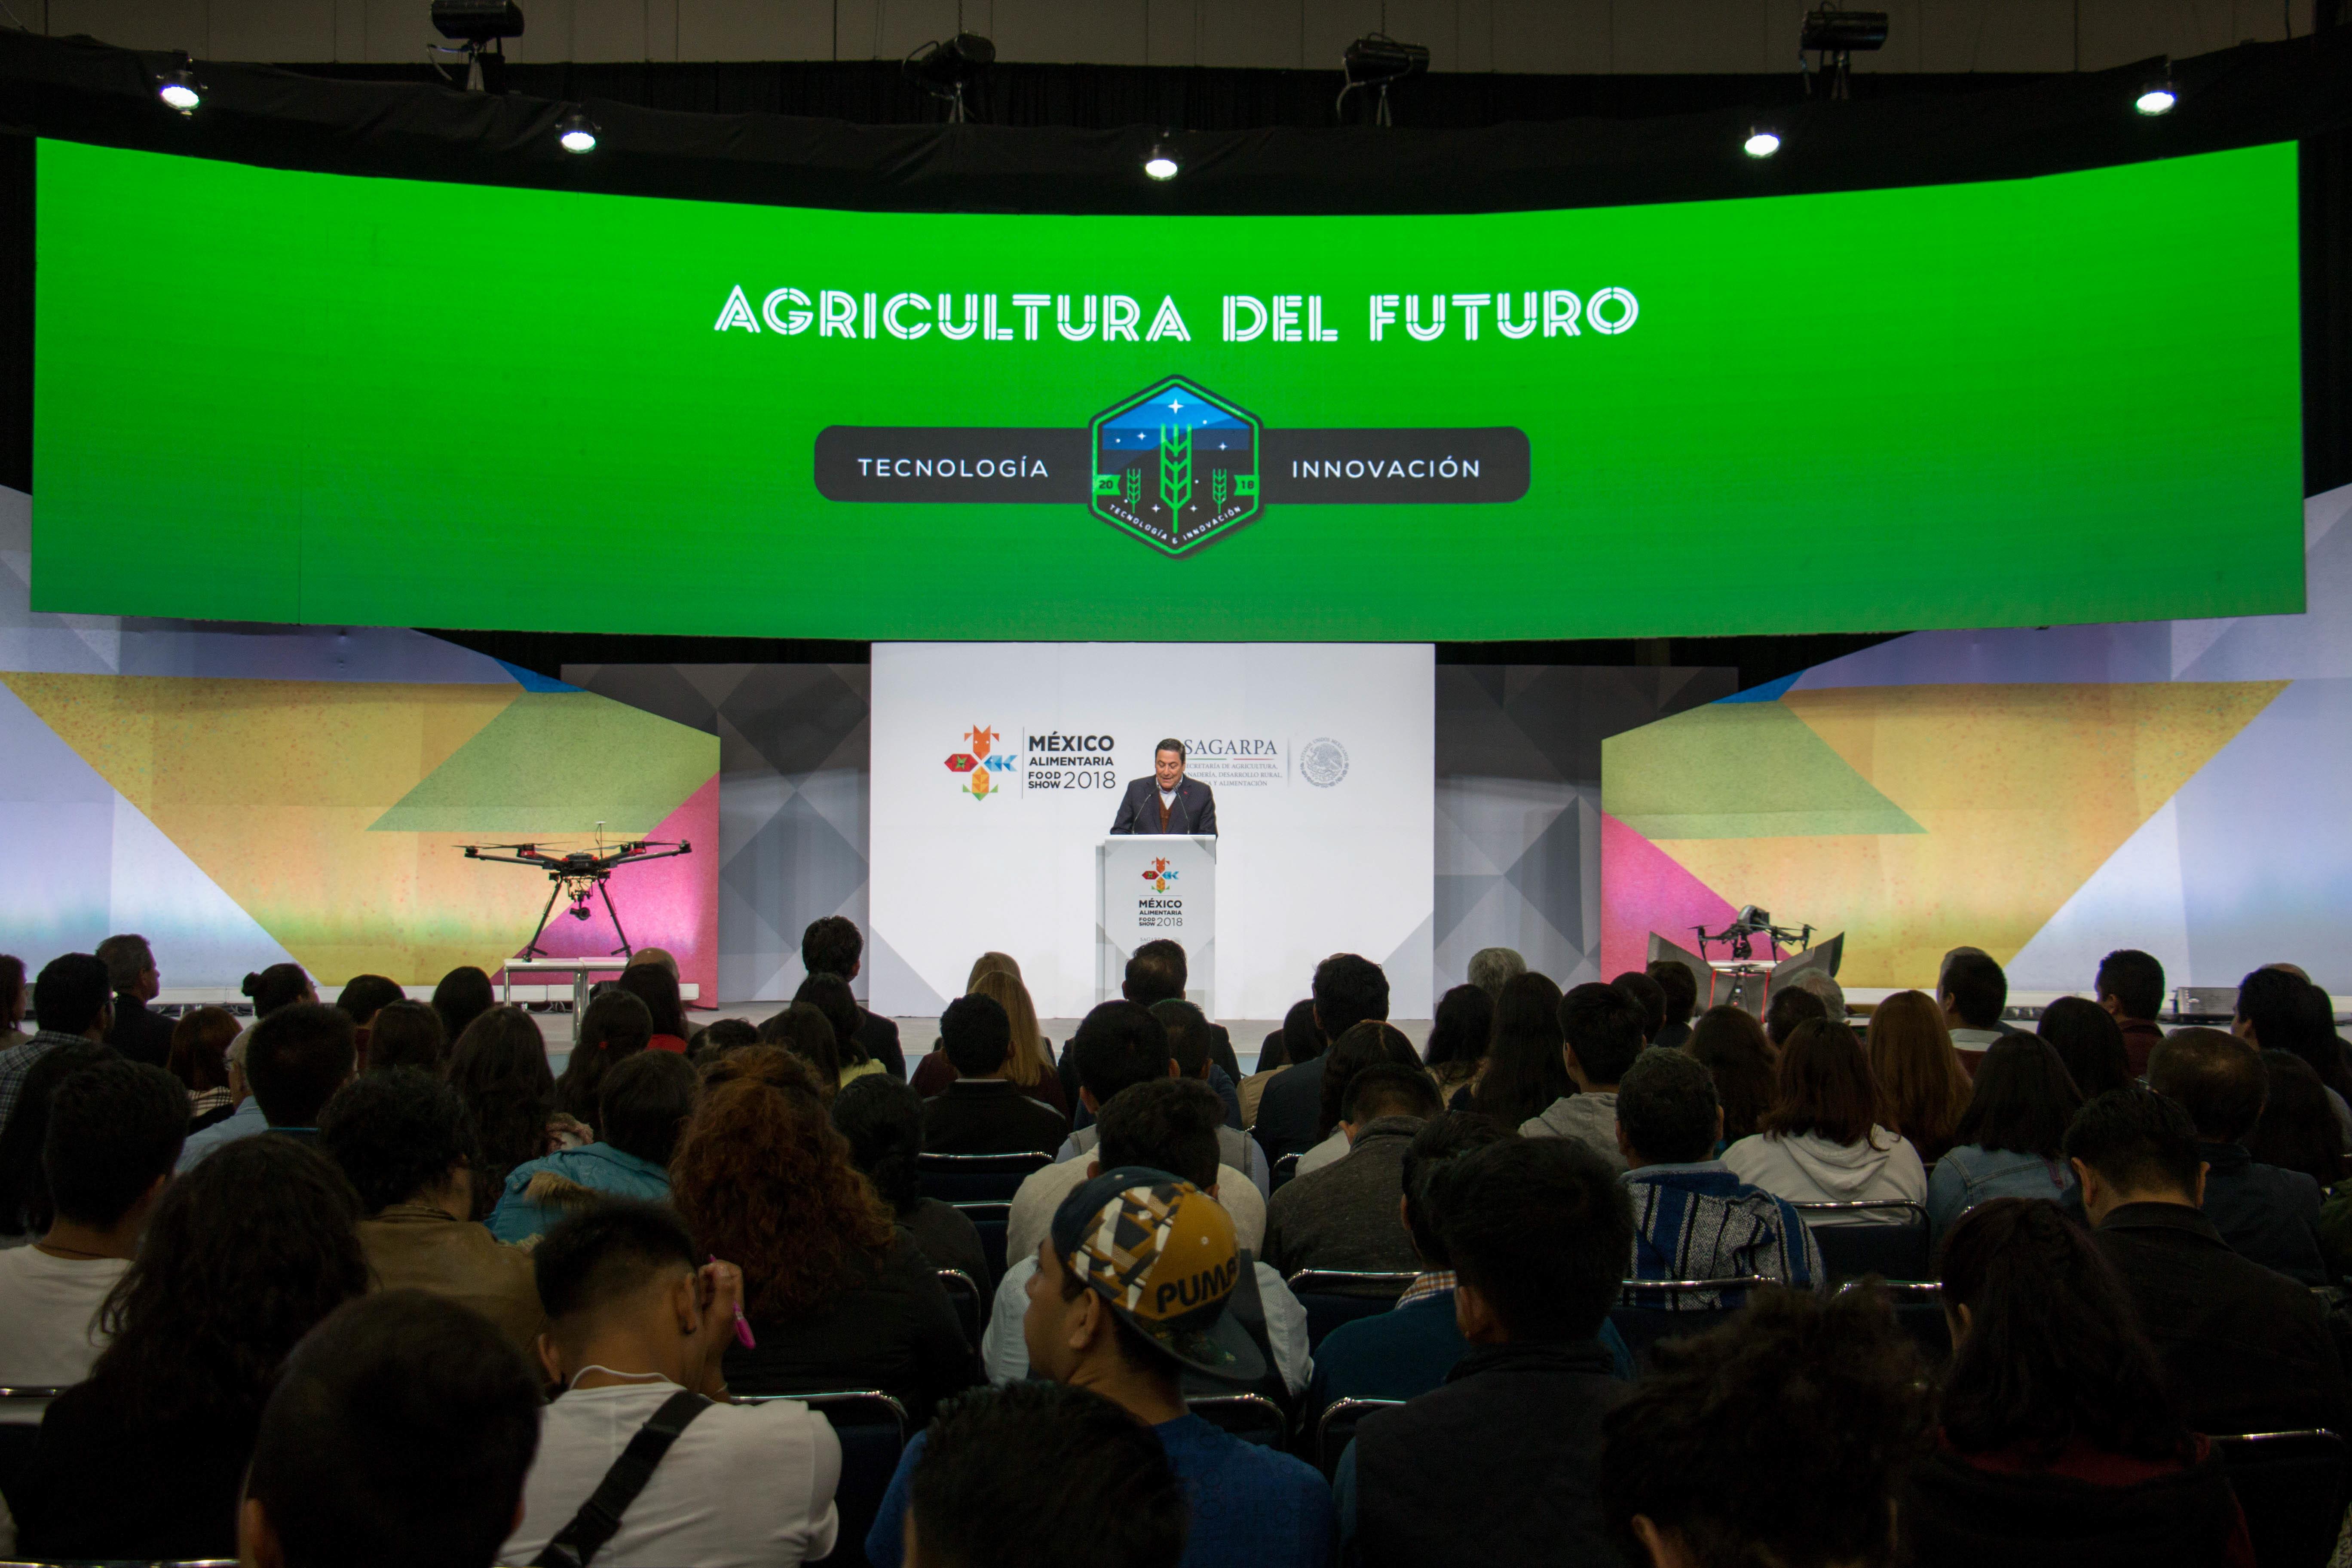 Los avances de la ciencia y tecnología son herramientas claves para el crecimiento y desarrollo del sector agroalimentario.